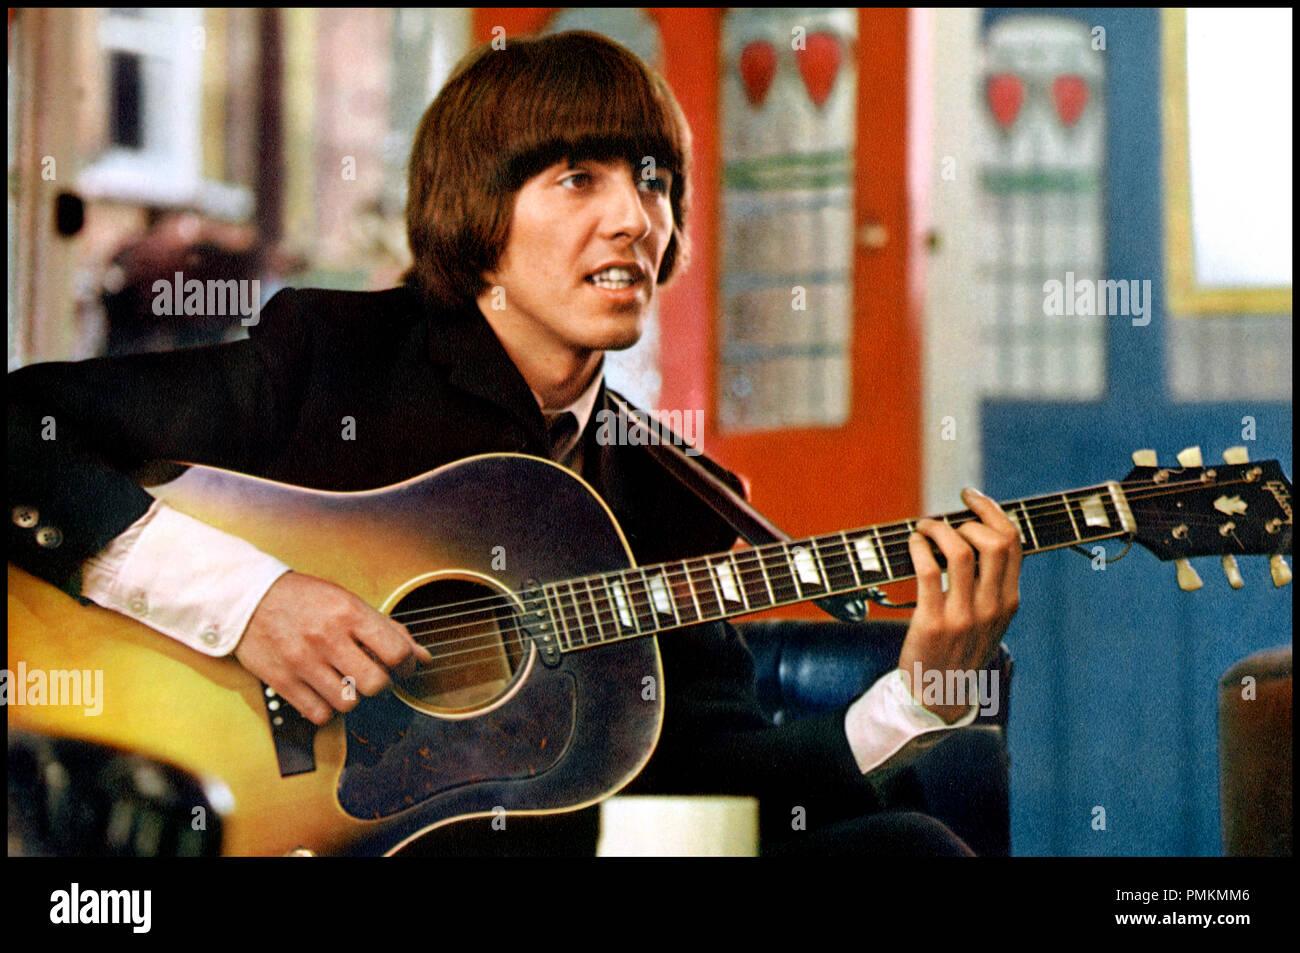 Prod DB © Subafilms / DR AU SECOURS ! (HELP !) de Richard Lester 1965 GB Avec George Harrison  guitare, chanter, instrument de musique, musicien - Stock Image